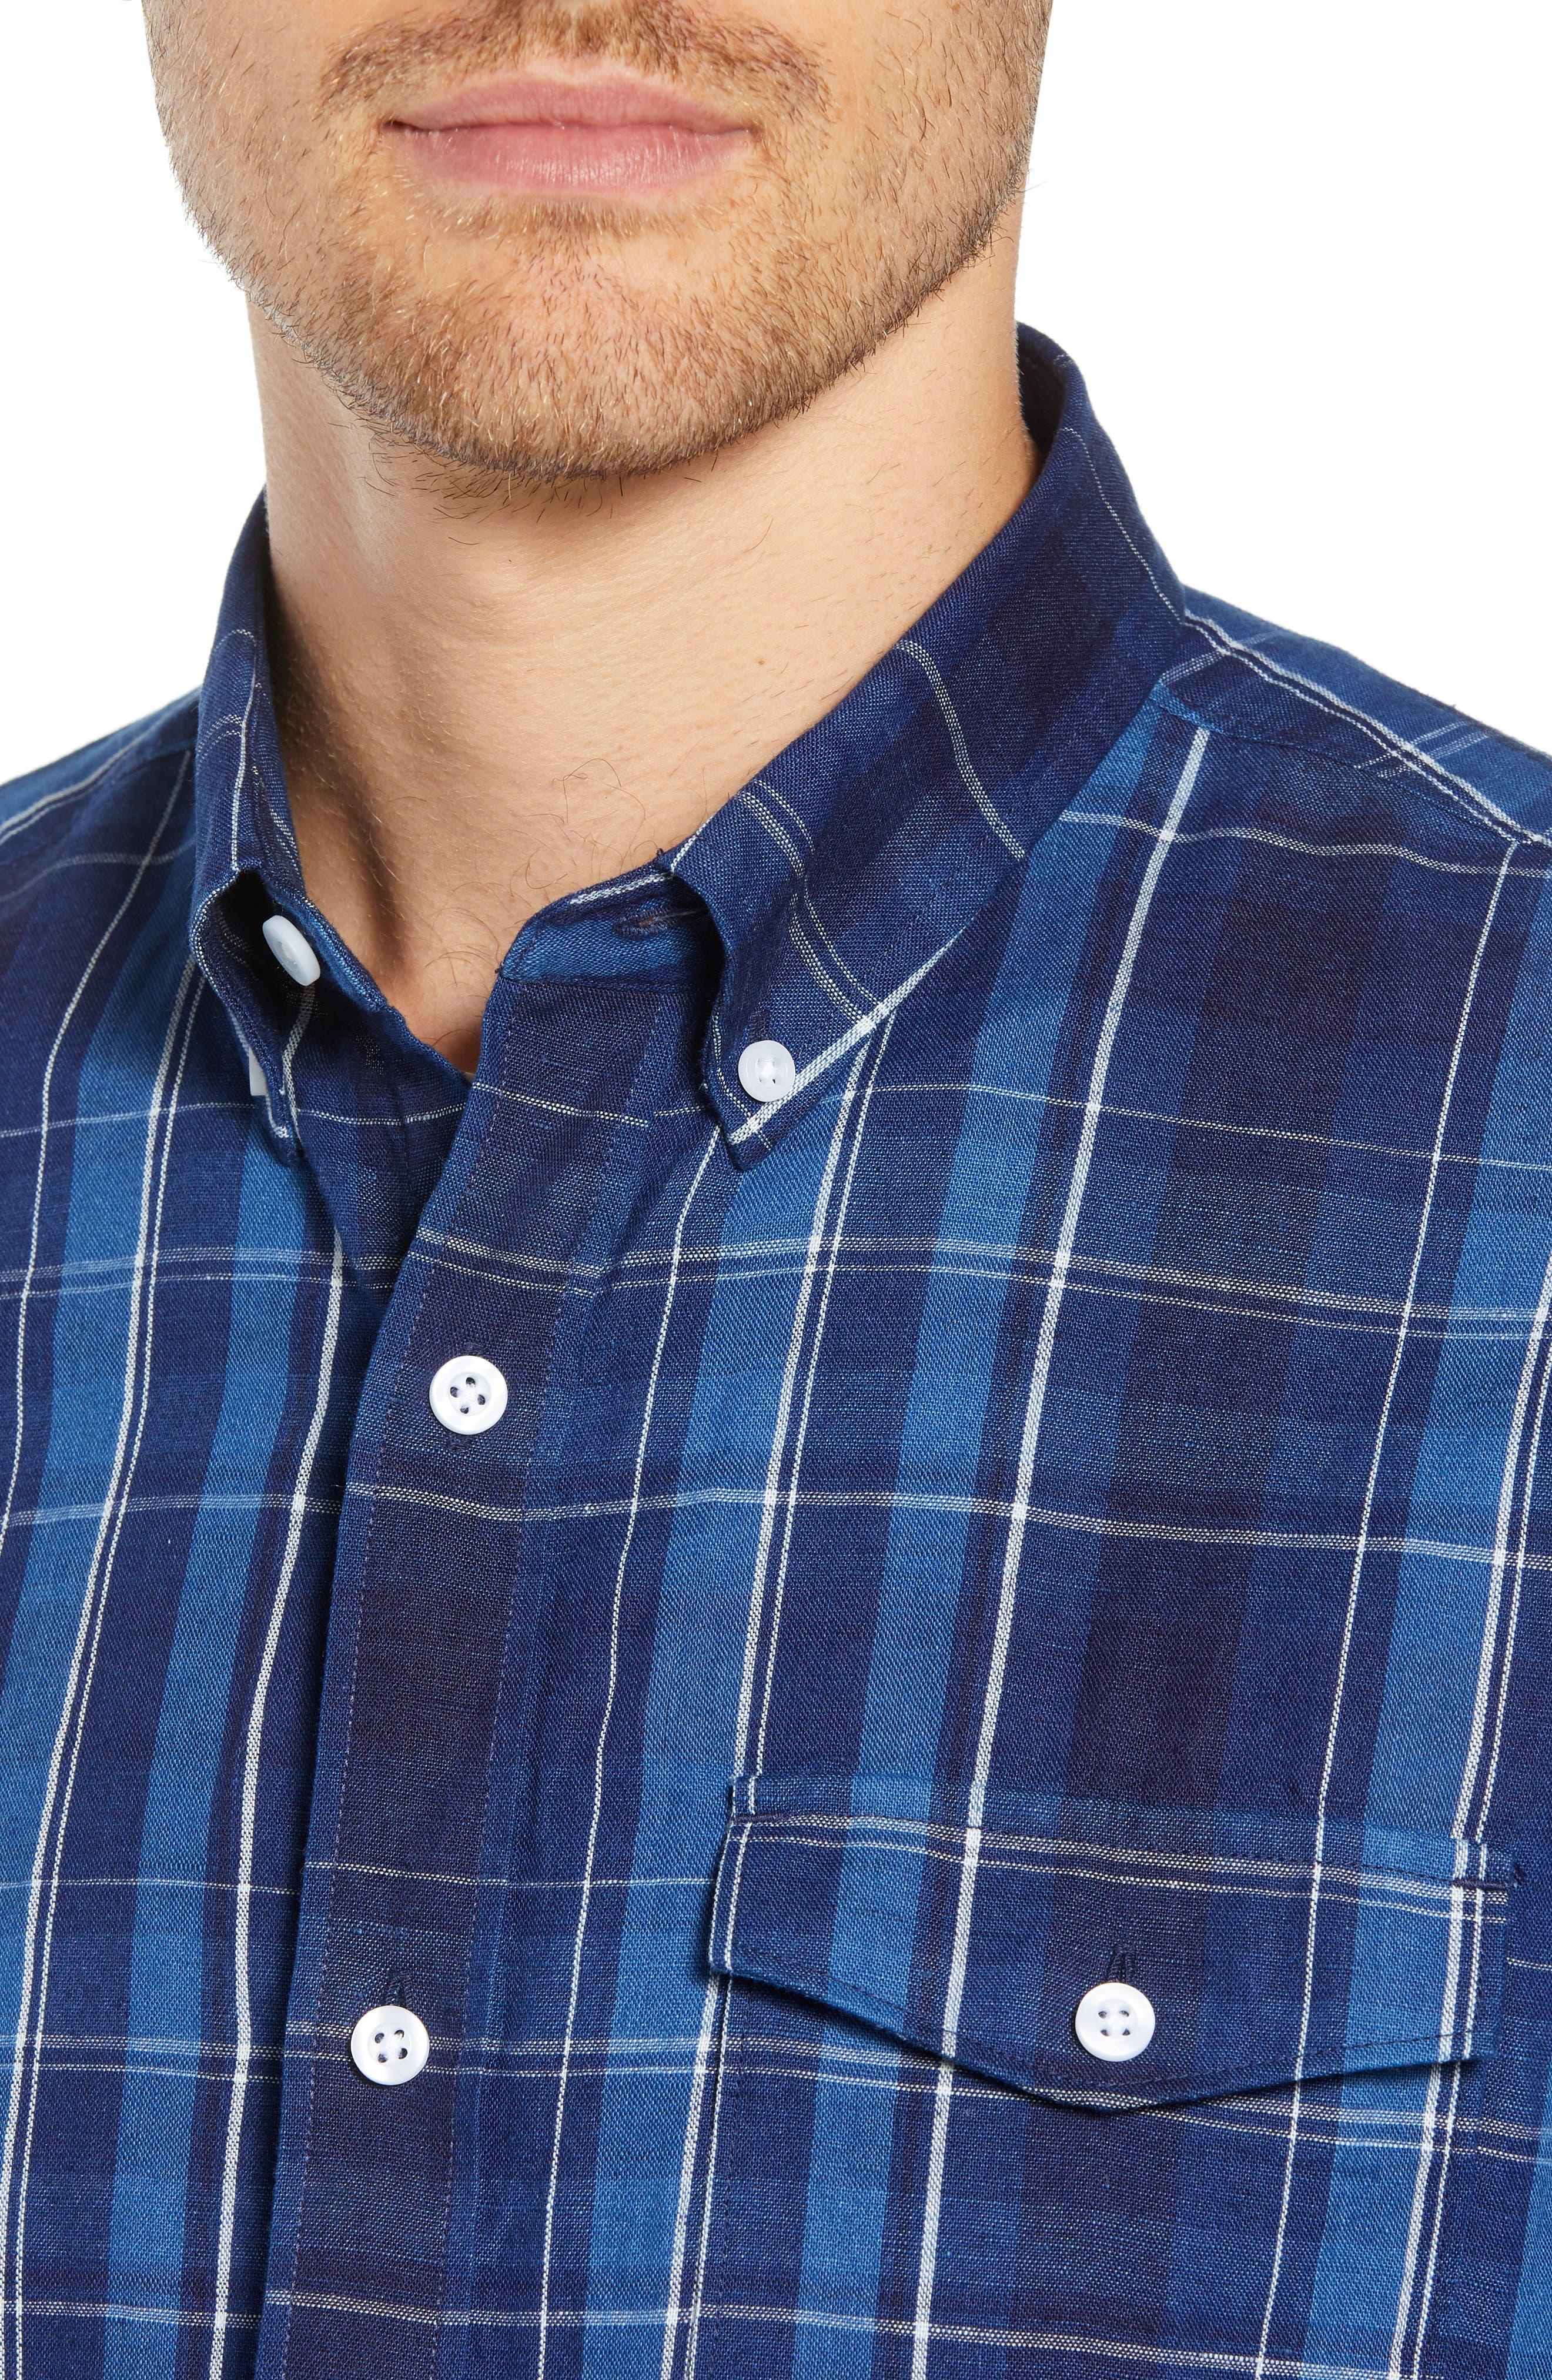 Ivy Trim Fit Plaid Cotton & Linen Sport Shirt,                             Alternate thumbnail 4, color,                             410